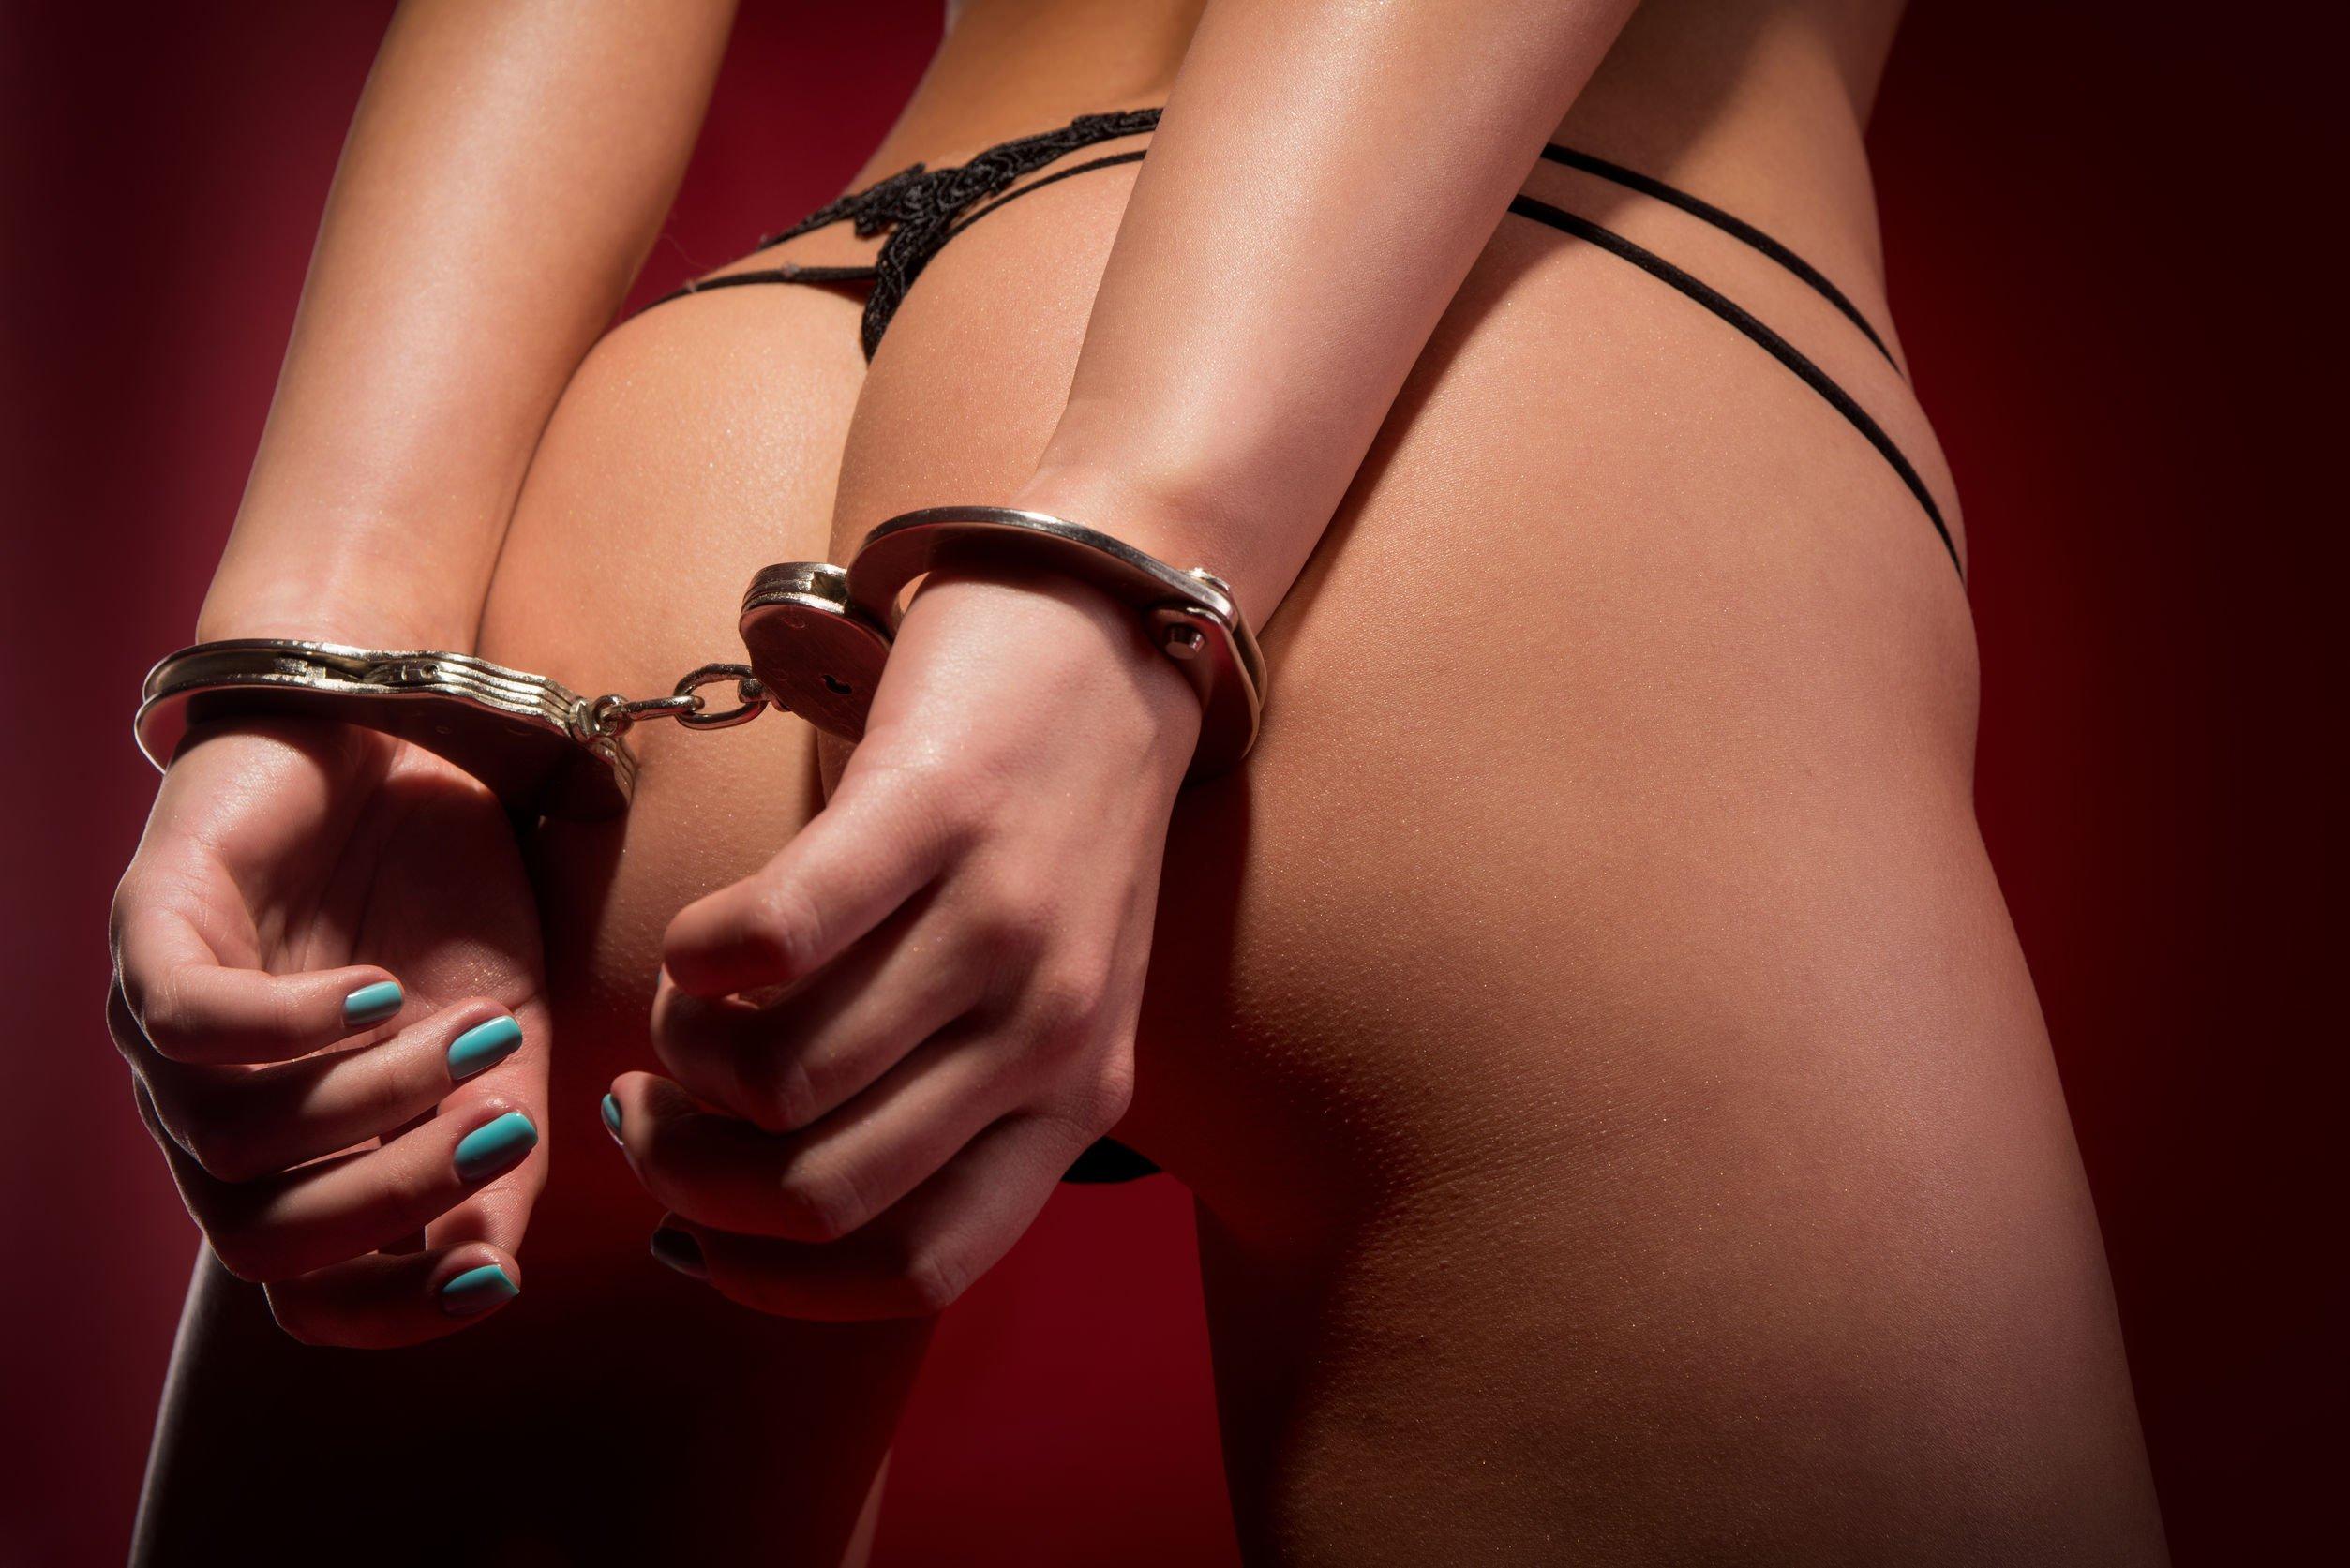 Фото девушек в наручниках порно 3 фотография